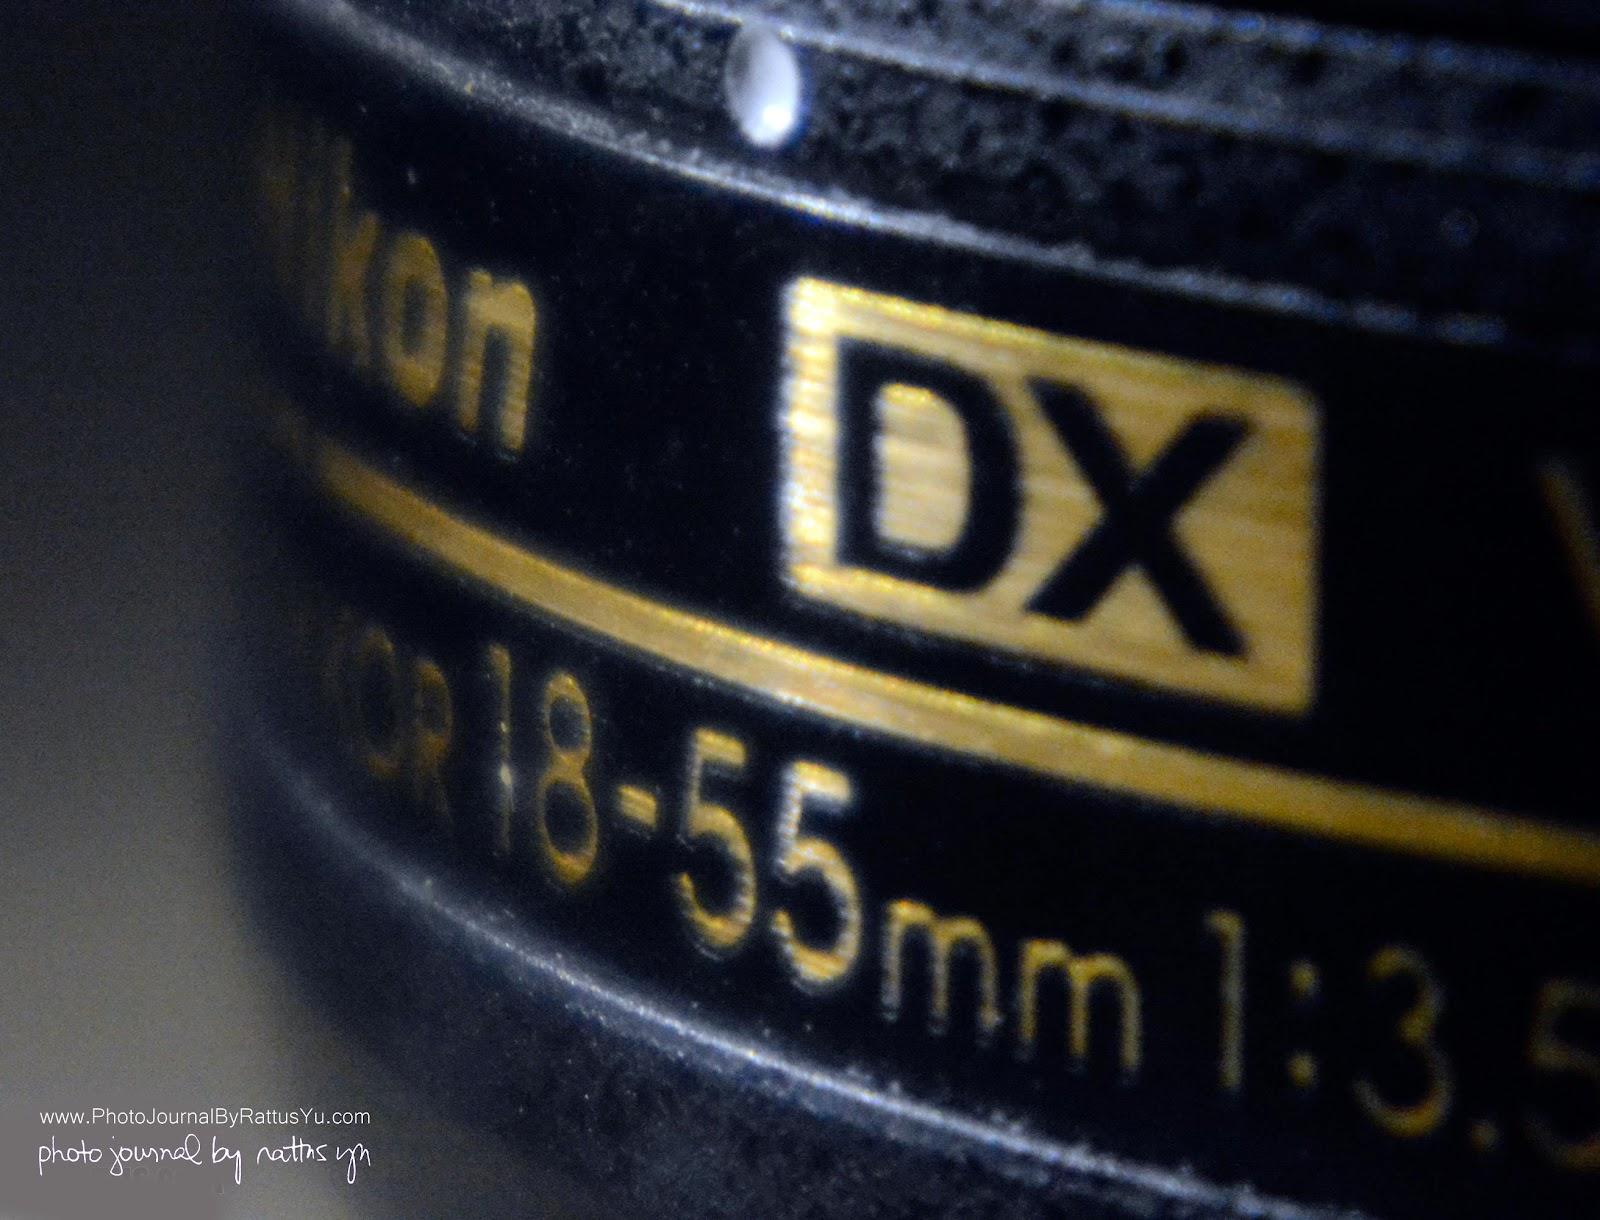 Holga HL-N 60mm f/8 for Nikon